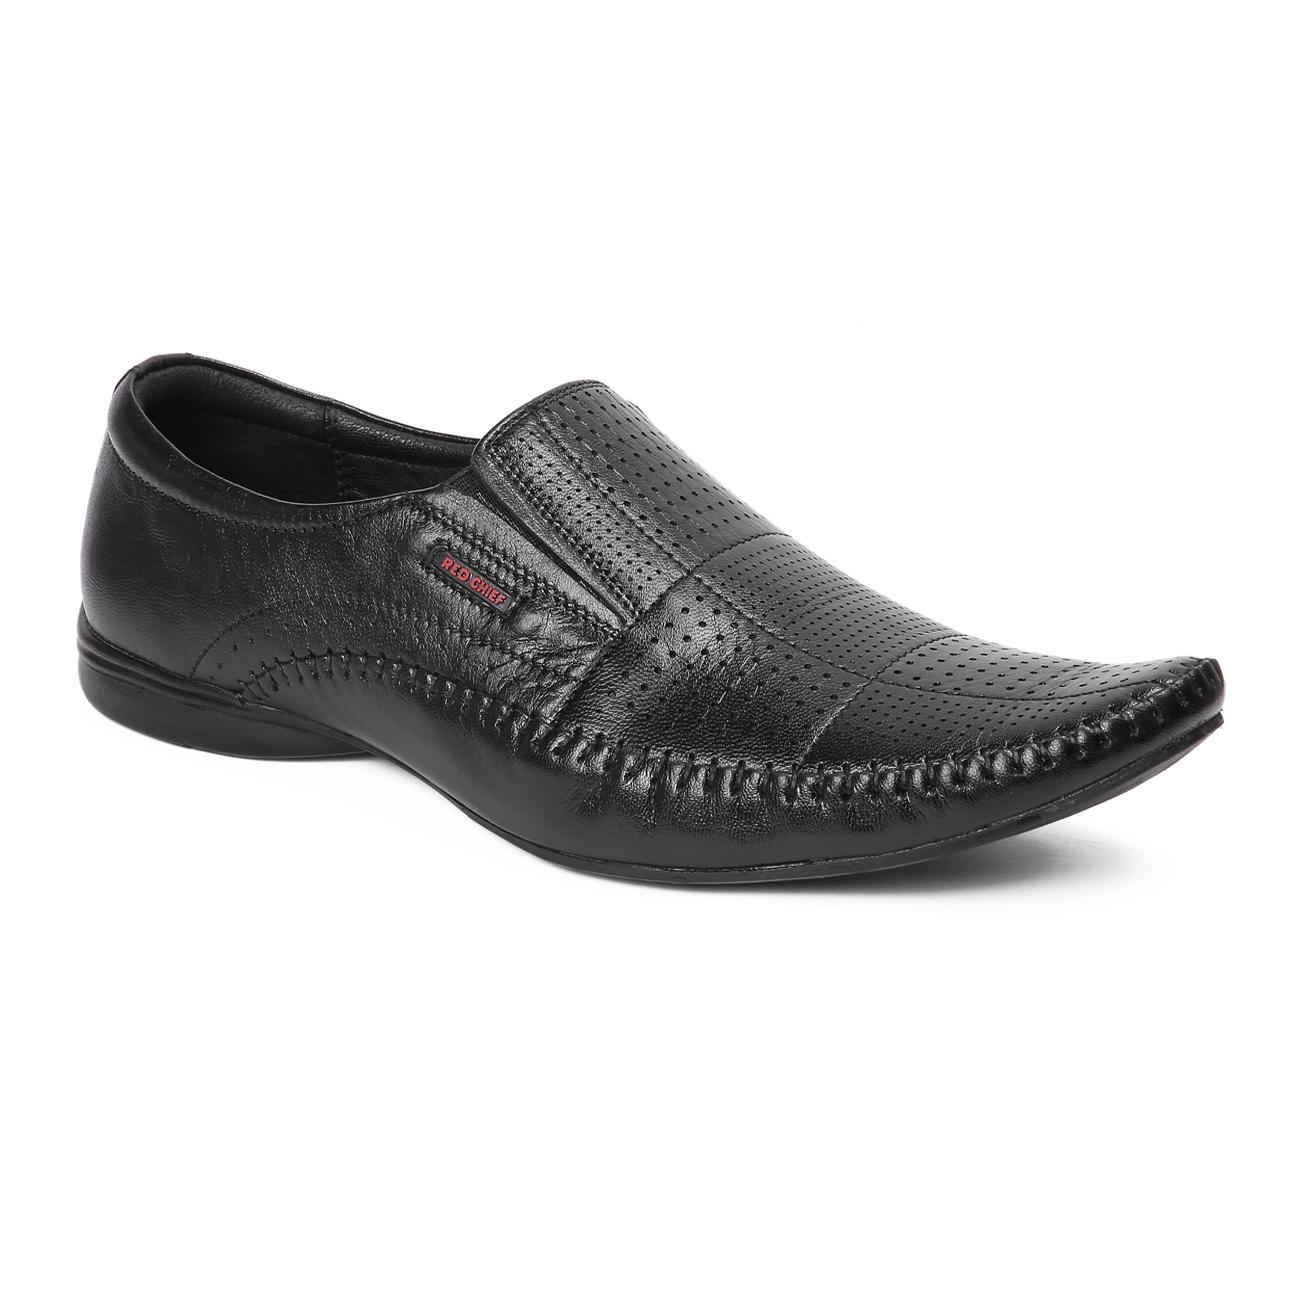 black leather slip-on formal shoes online